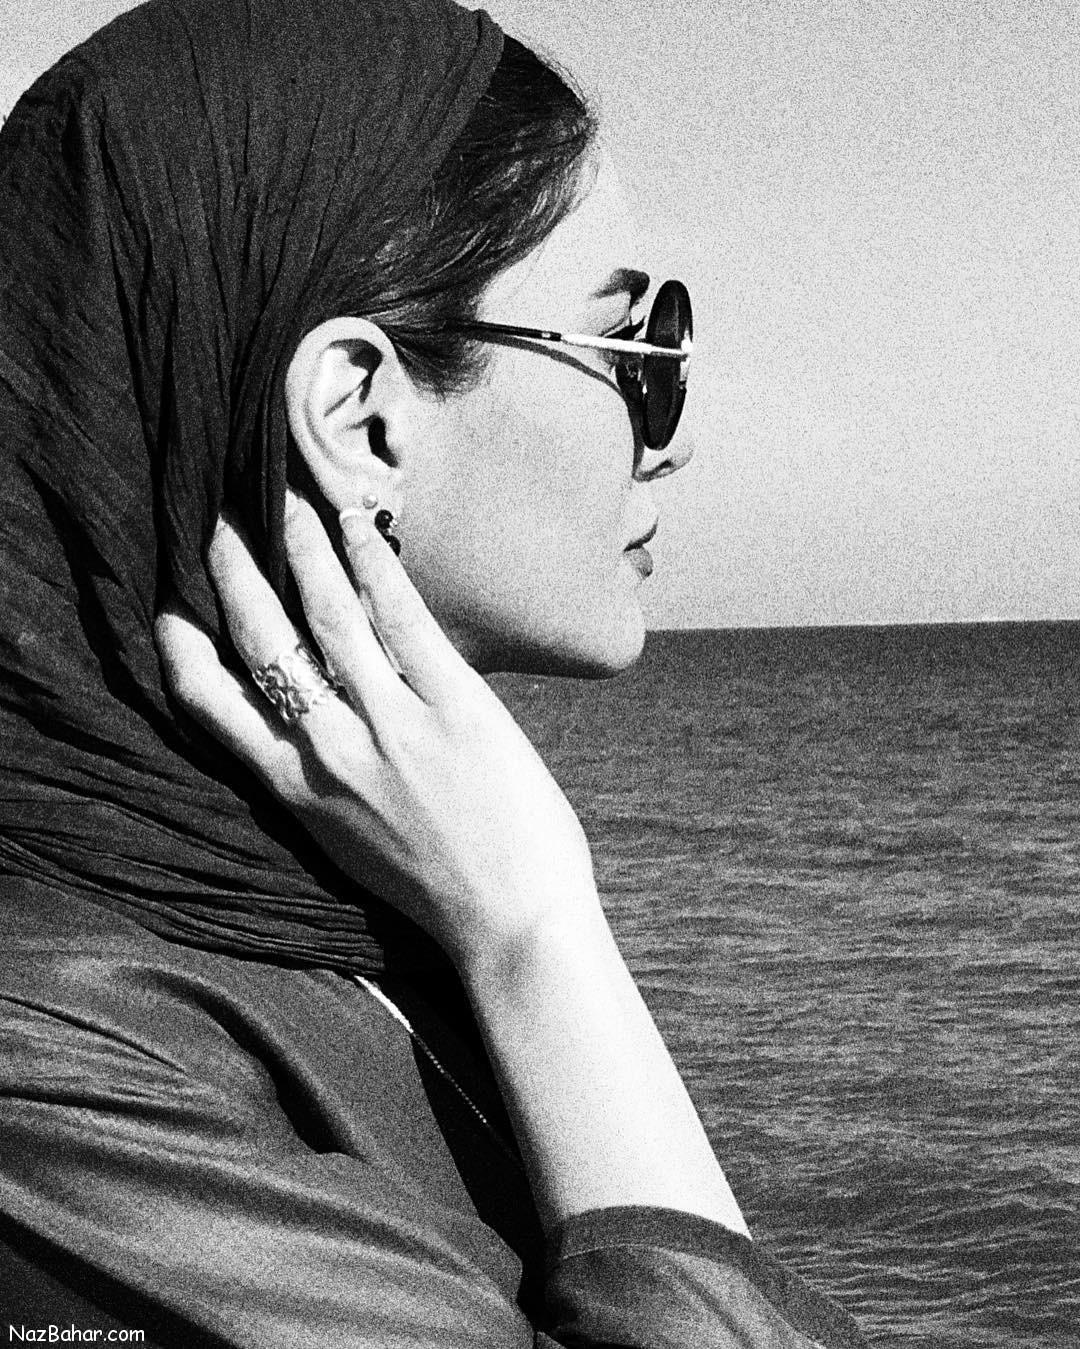 عکس های زیبای متین ستوده + بیوگرافی